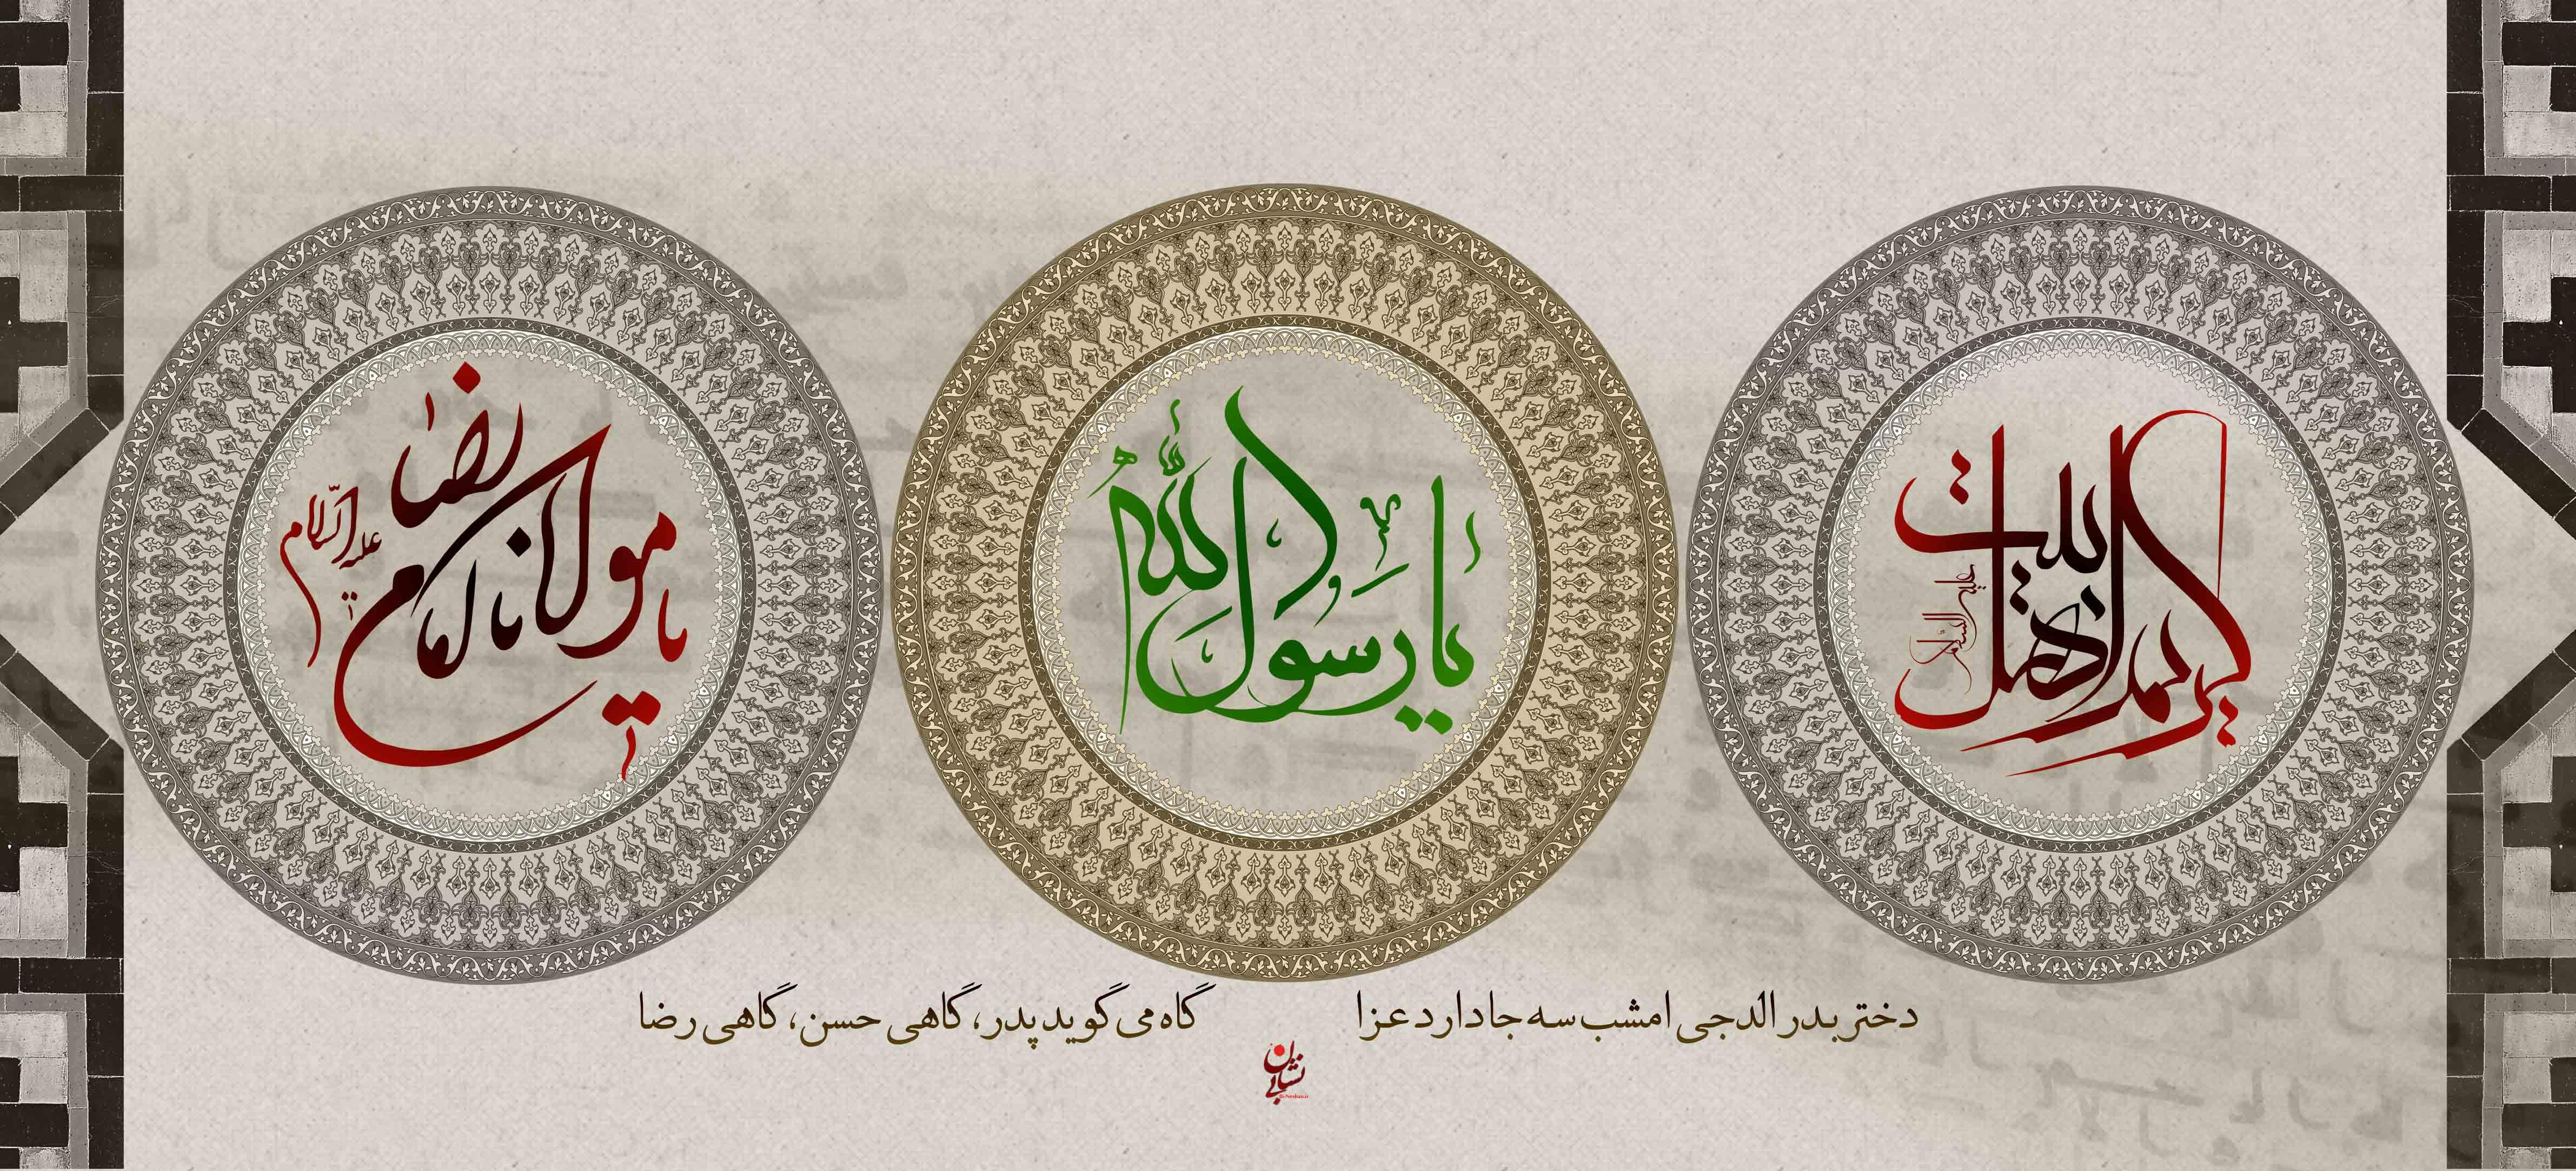 http://bi-neshan.ir/wp-content/uploads/2013/12/3-Masoum-2.jpg